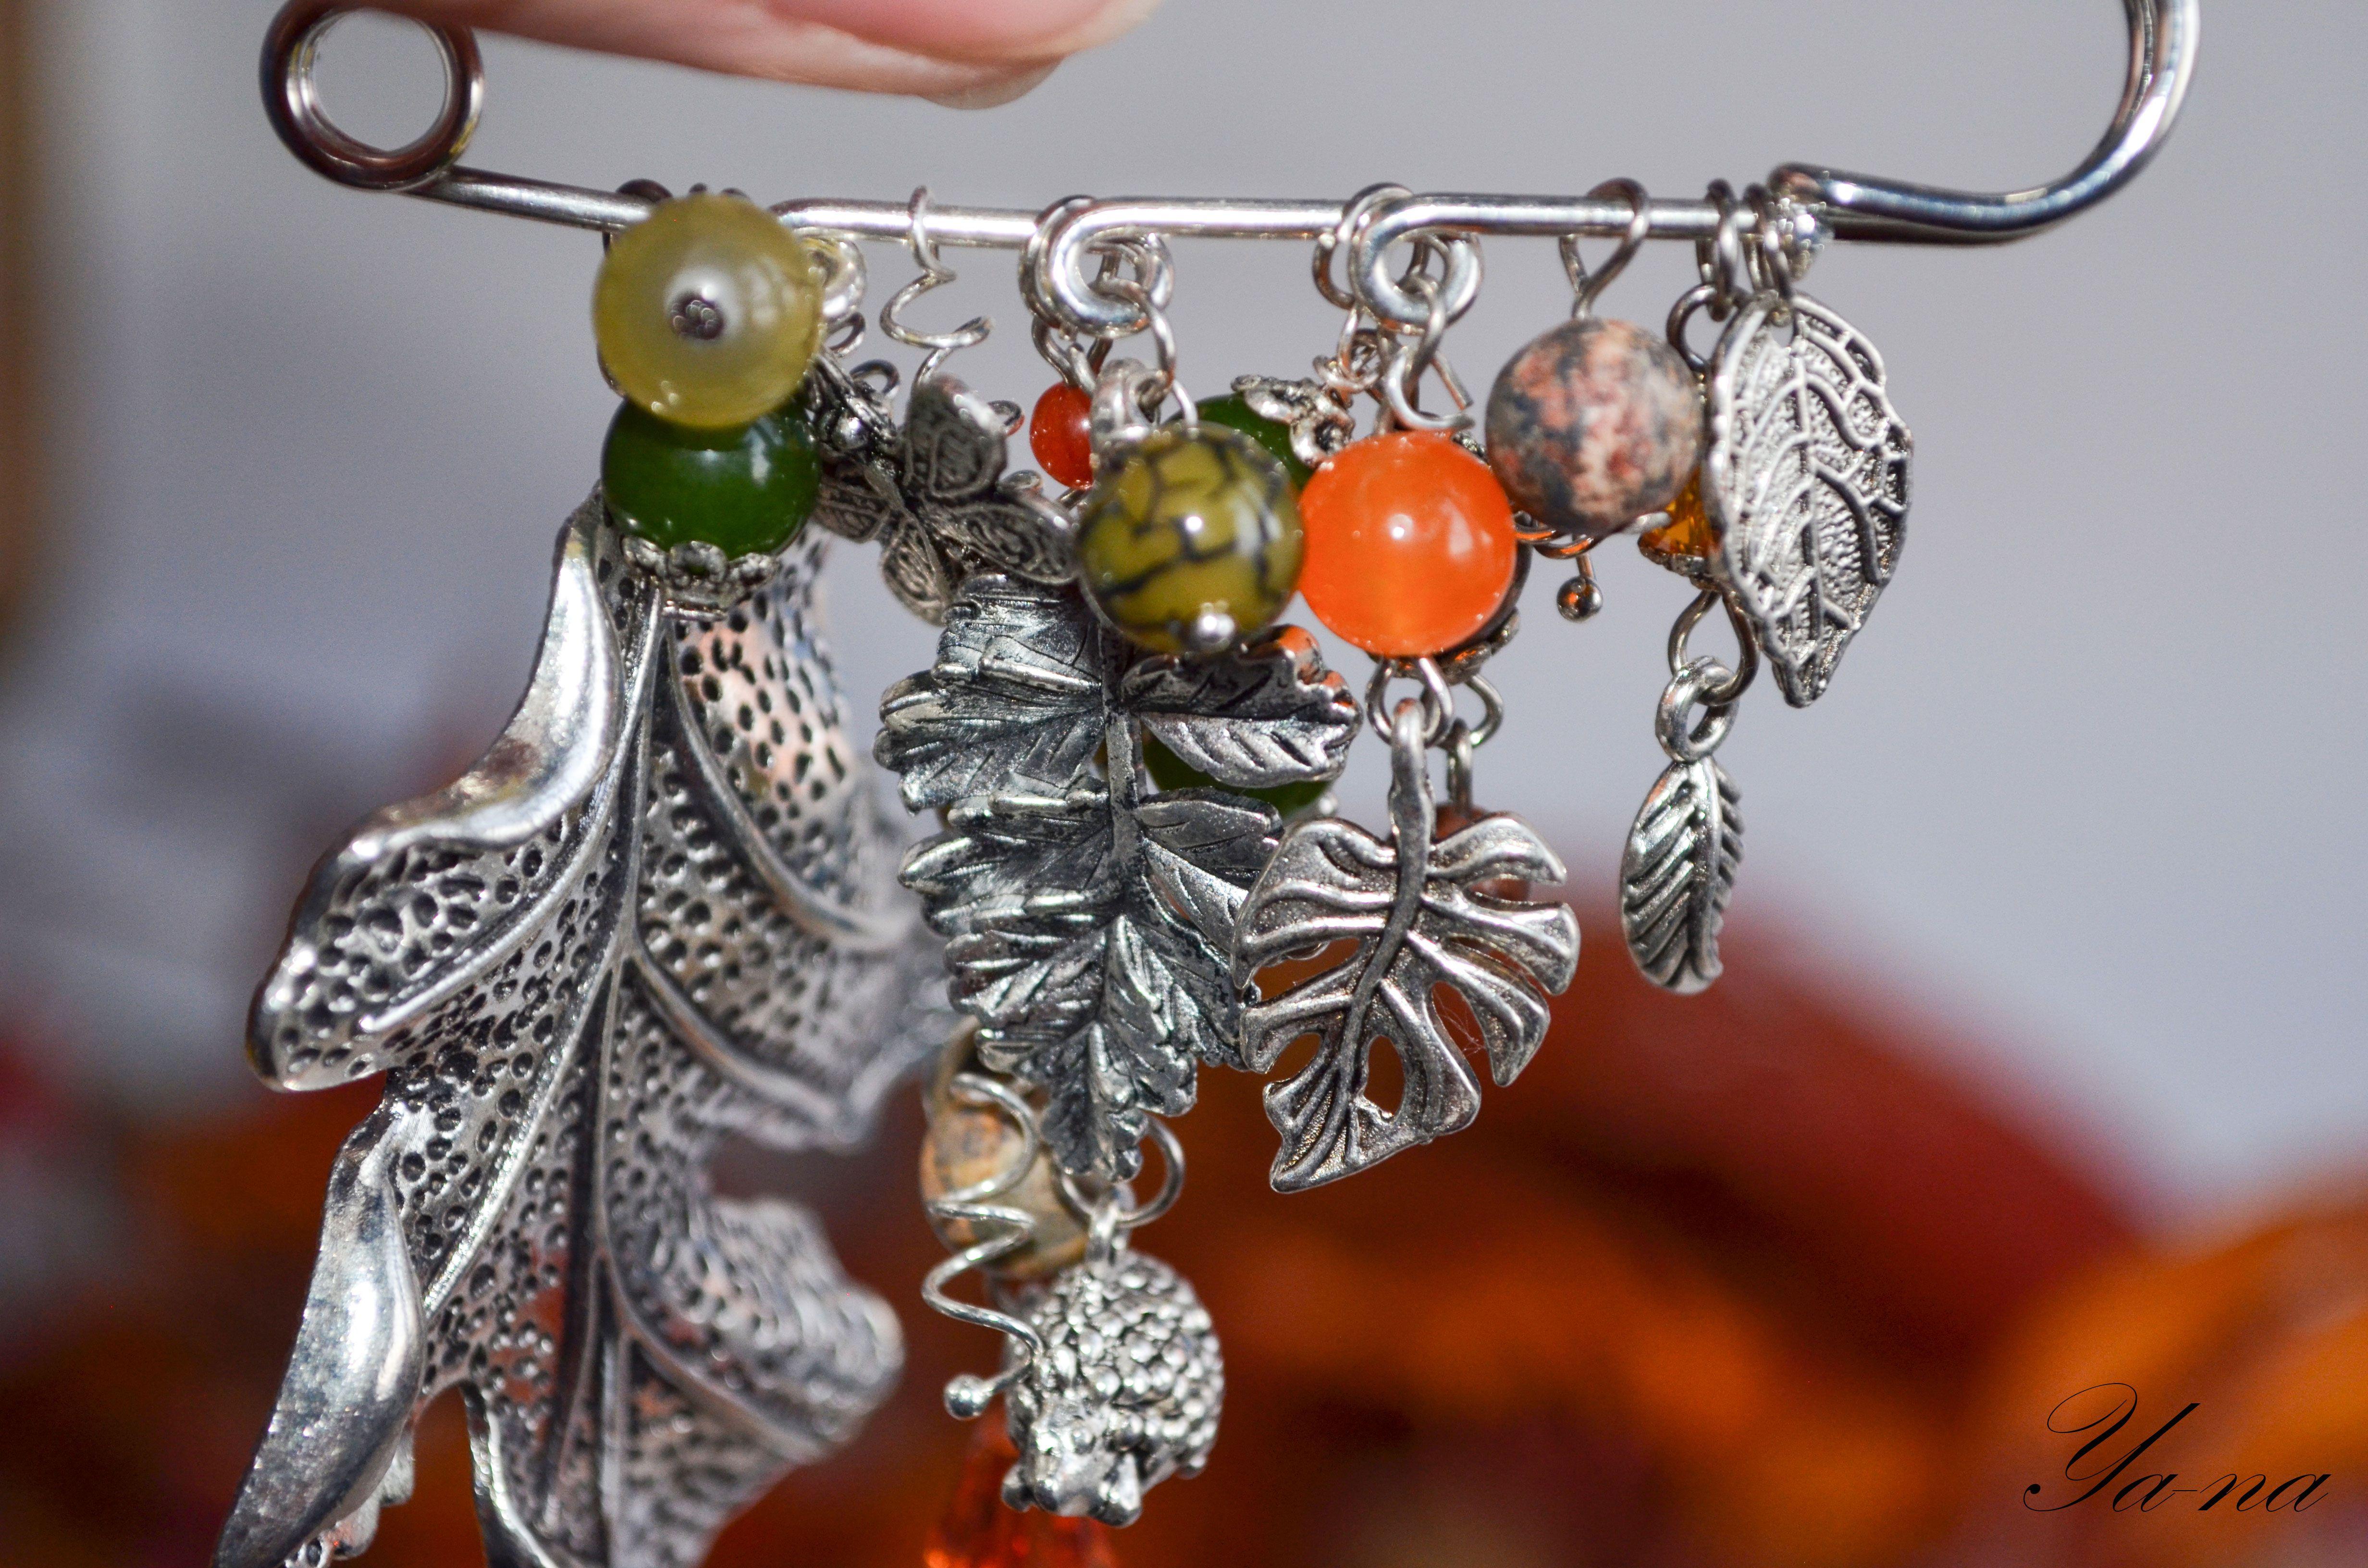 ручнаяработа брошьнапальто подарокдевушке украшение новосибирск брошьизбисера хэндмейд аксессуар брошьвподарок брошьдляшарфа брошьсбусинами купитьбулавку брошьслистьями бижутерия